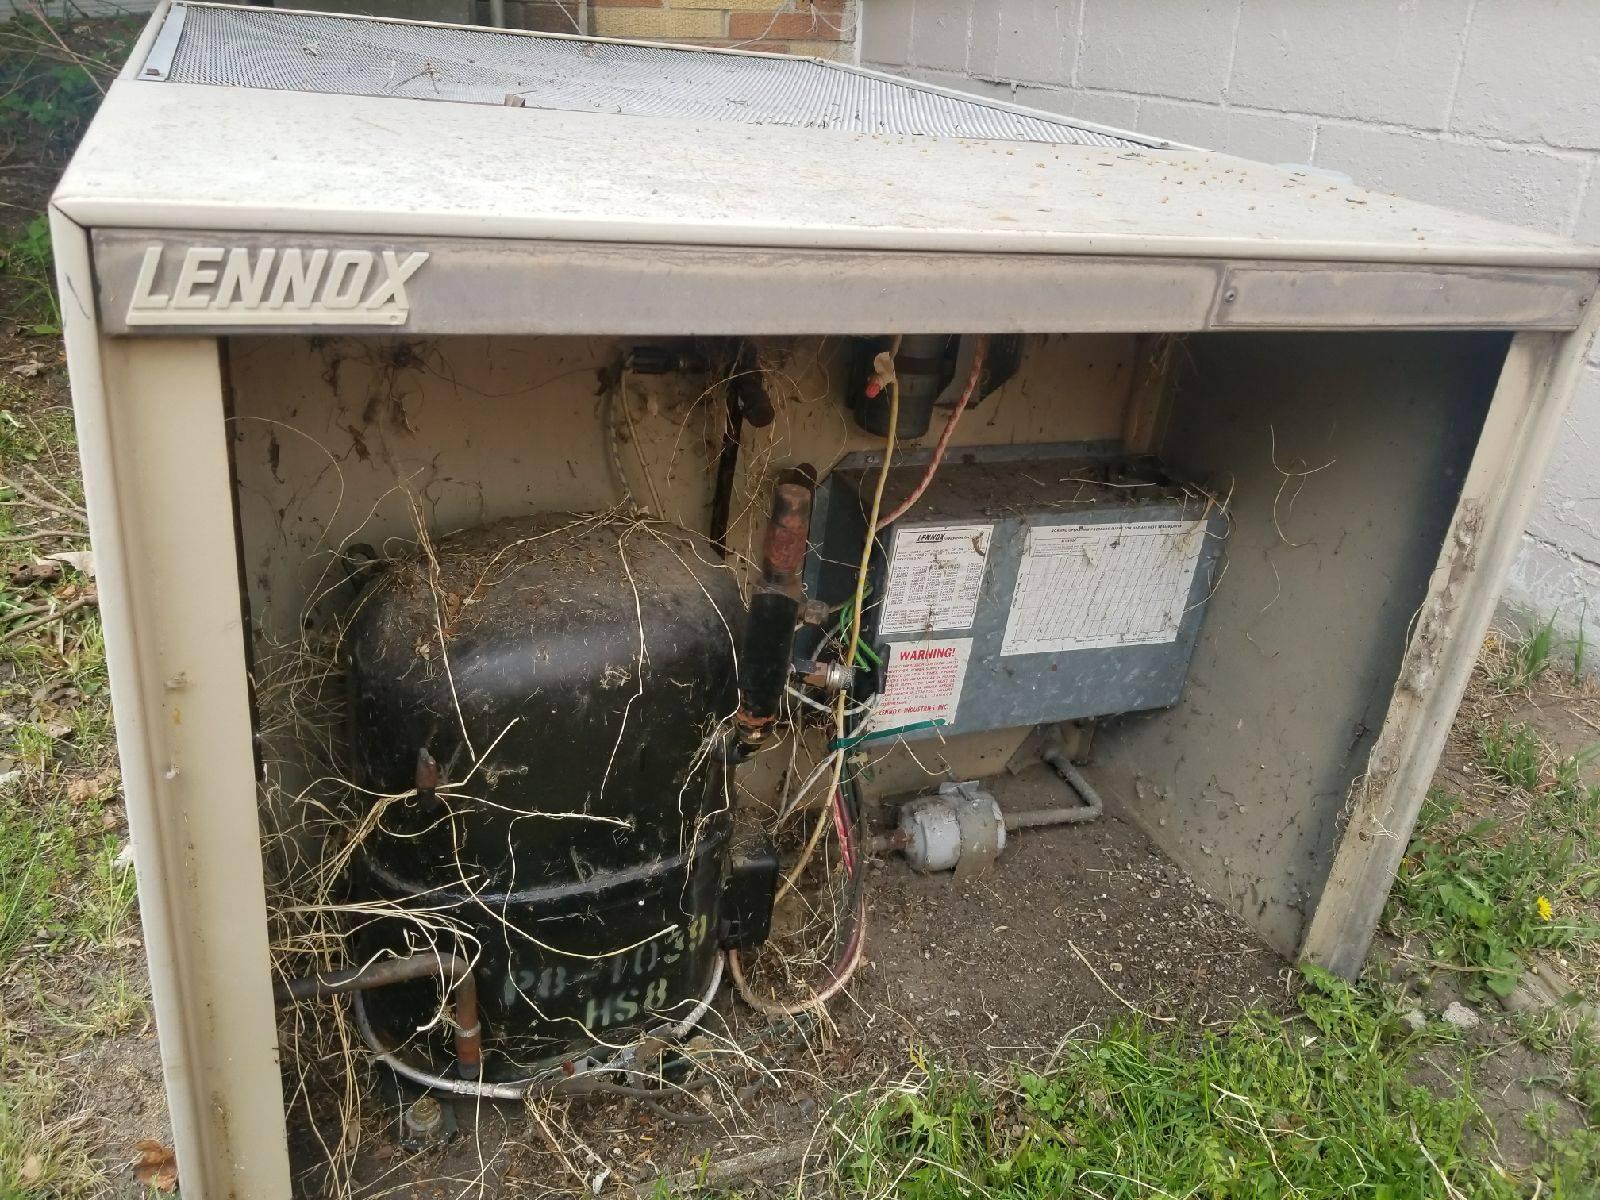 debris in a air conditioner